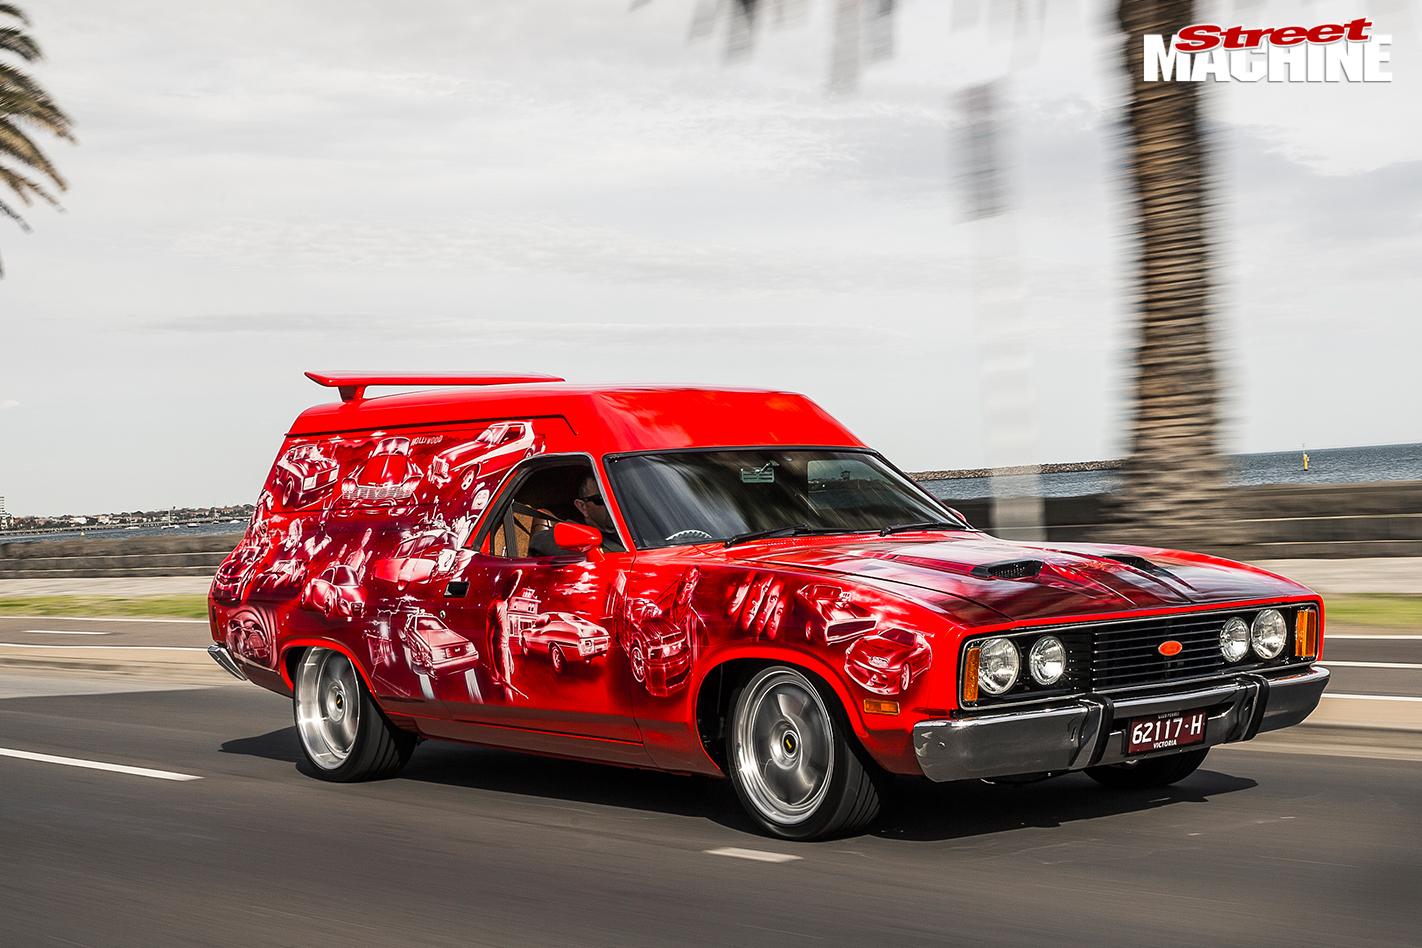 Ford -XC-wagon -jaffa -onroad